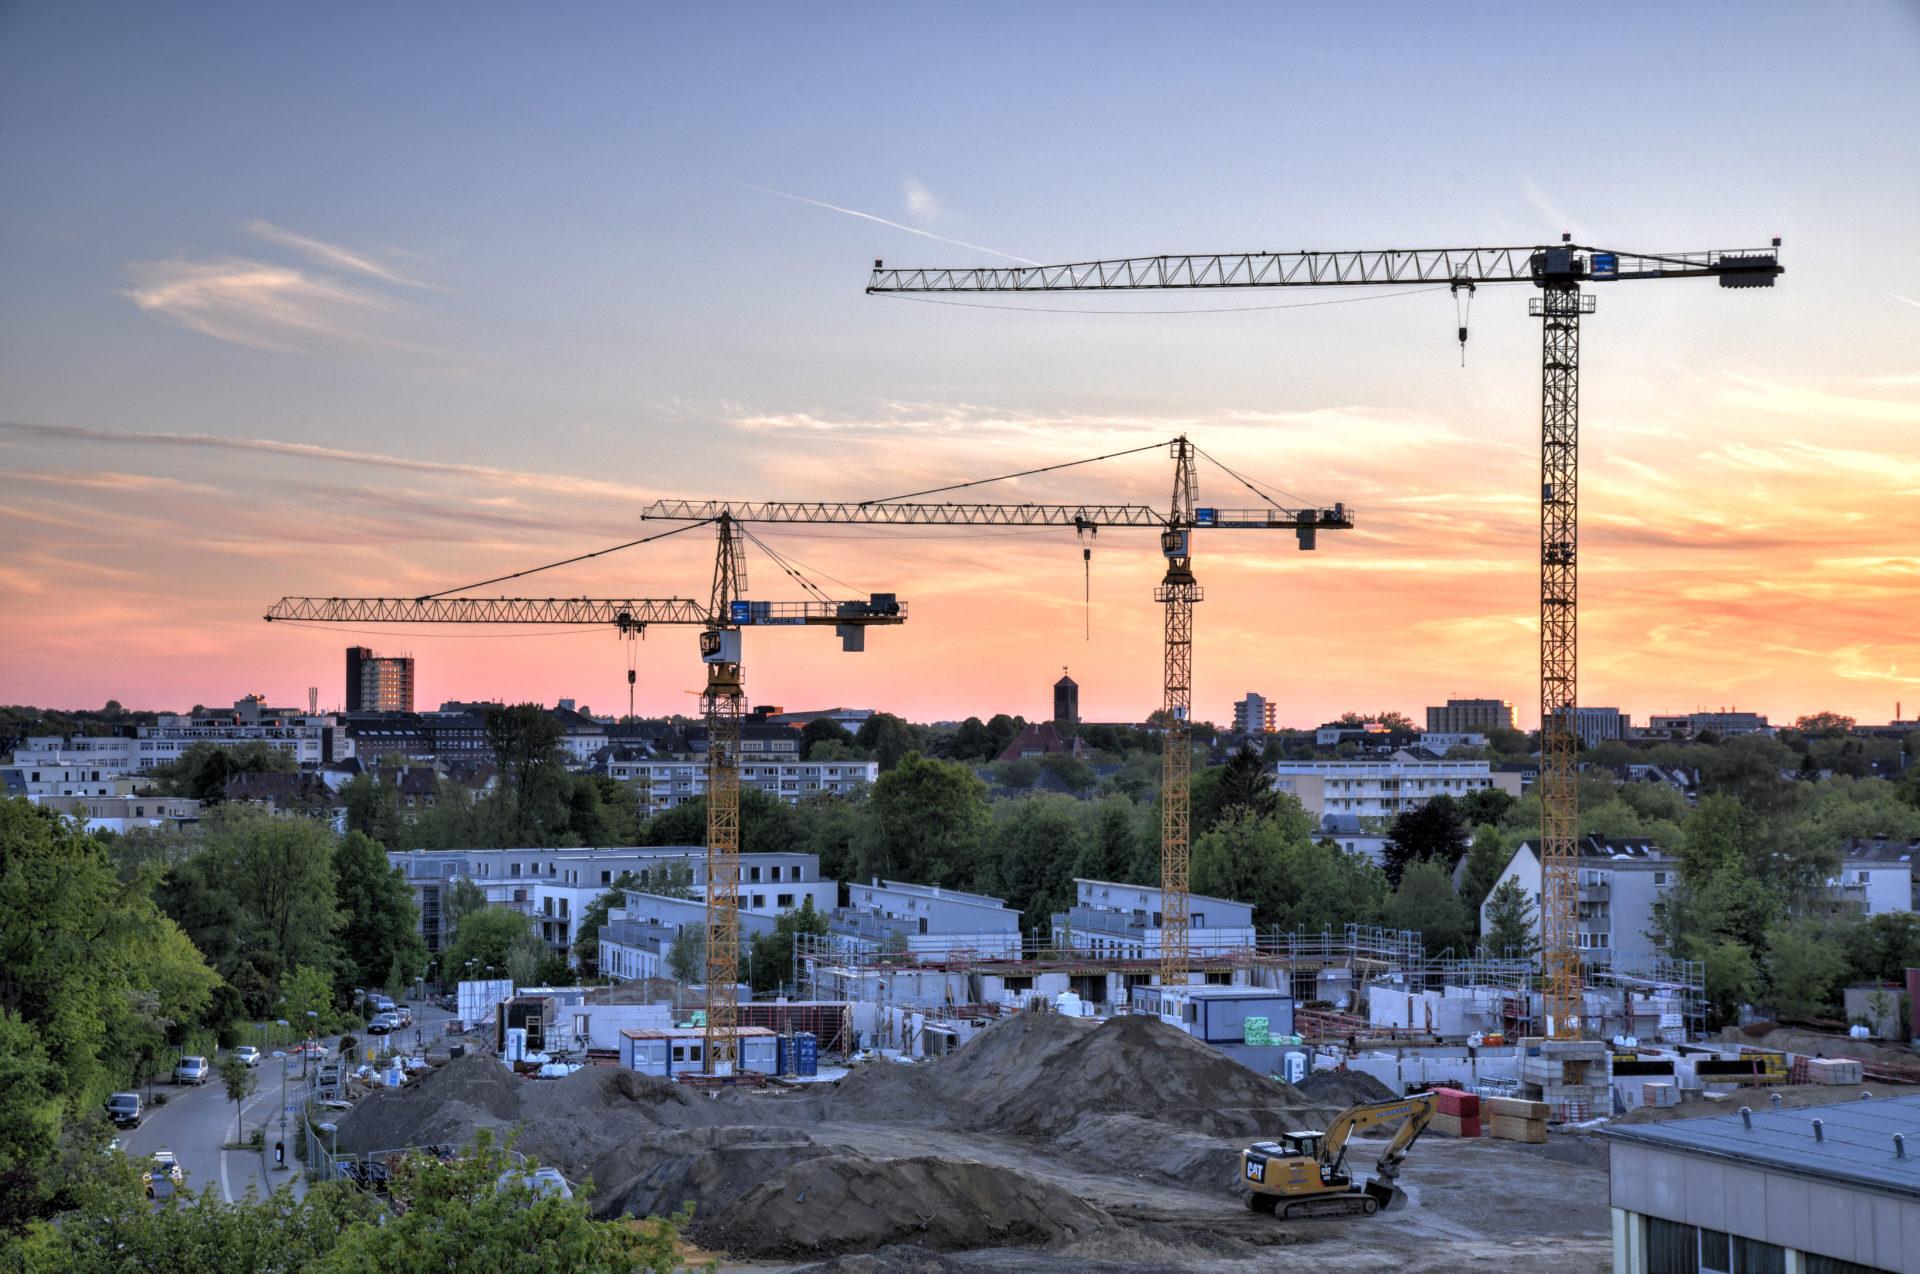 Bauboom by Night. Übersichtaufnahme von einer Baustelle zur blauen Stunde